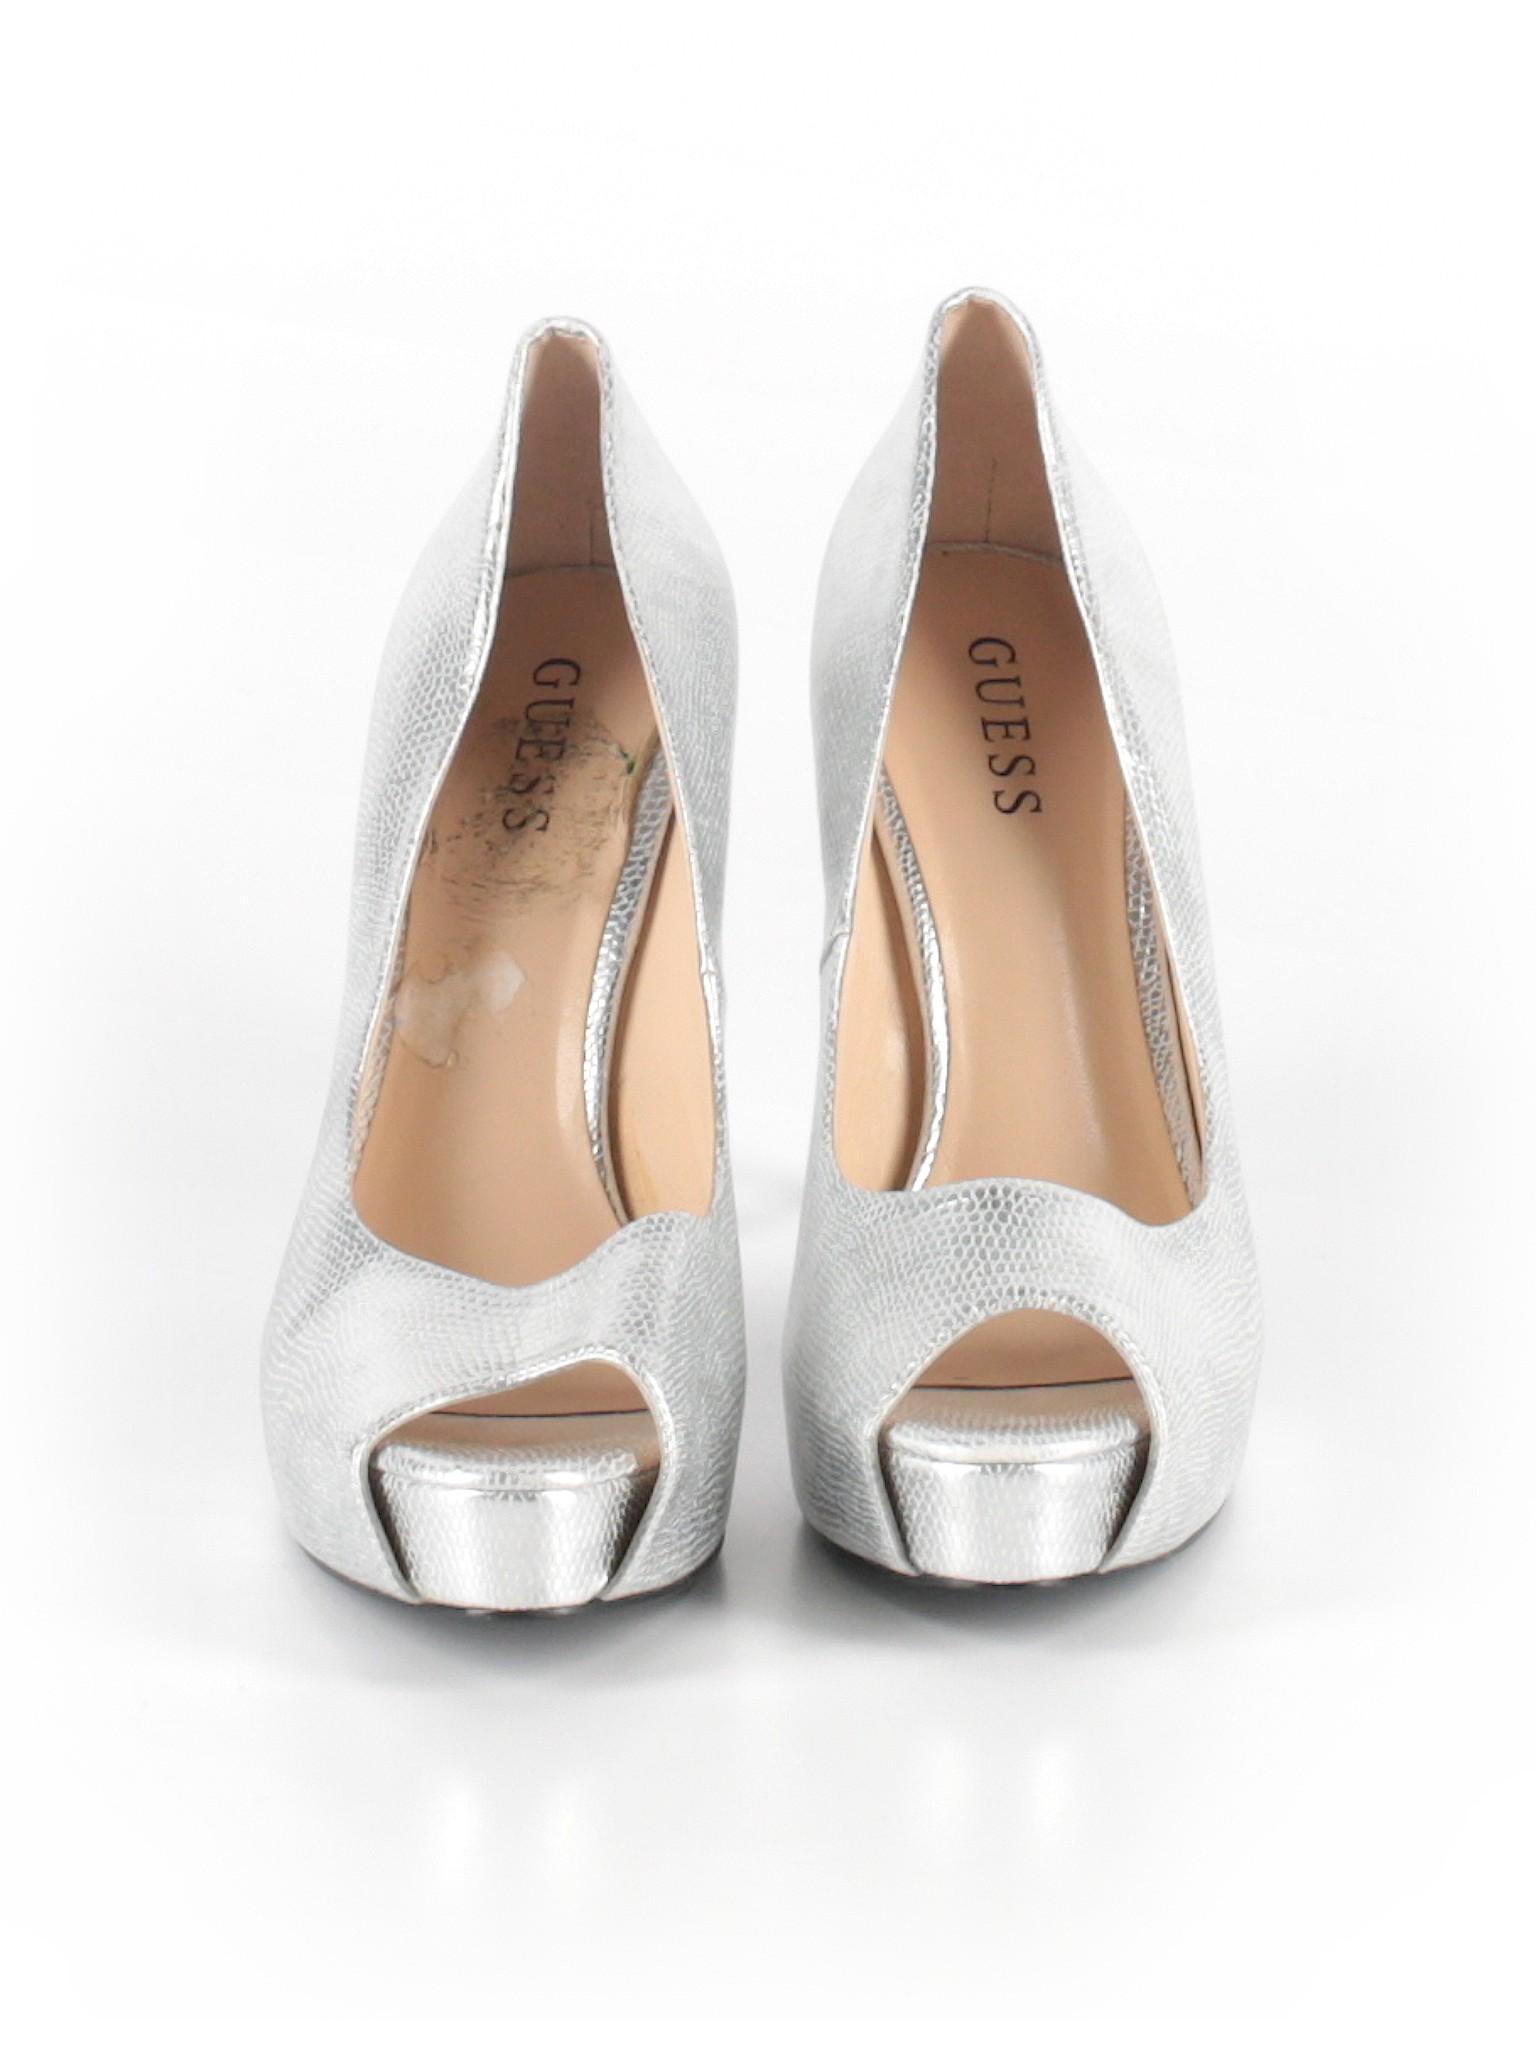 Guess Heels promotion Boutique promotion Boutique Boutique Heels Guess Boutique Heels Guess promotion xrx1EwZ